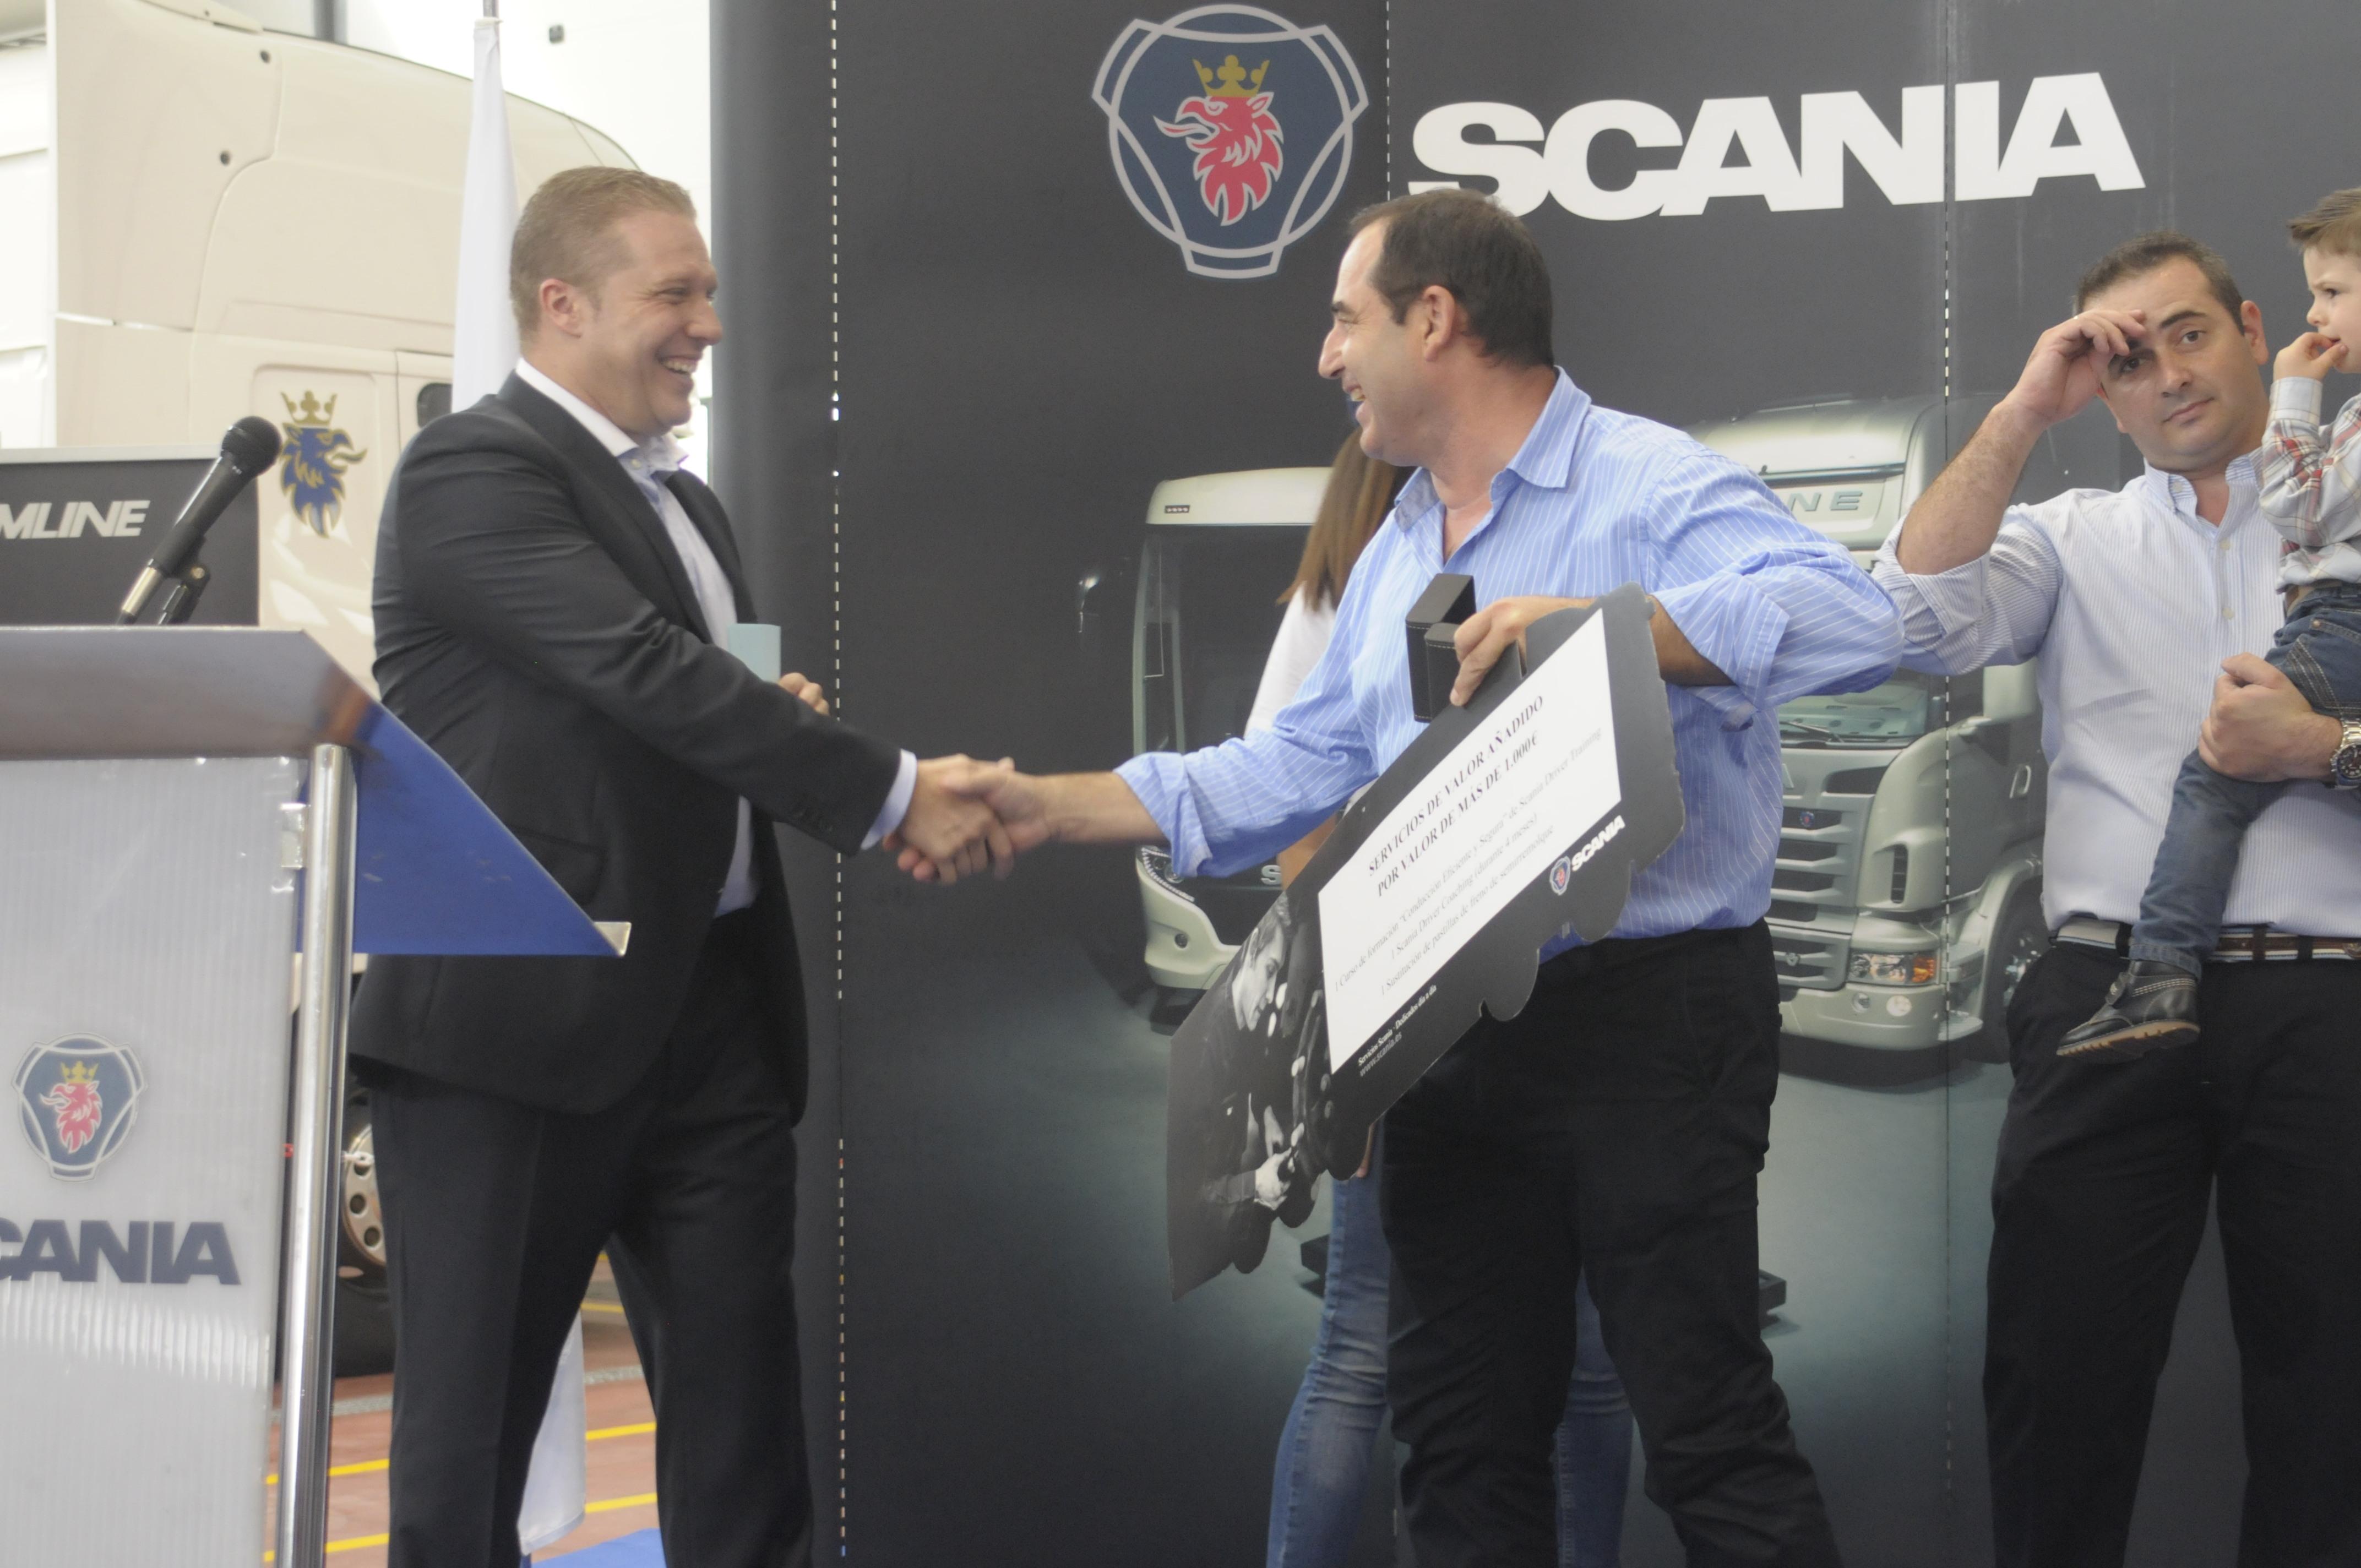 Inaguración sede Scania